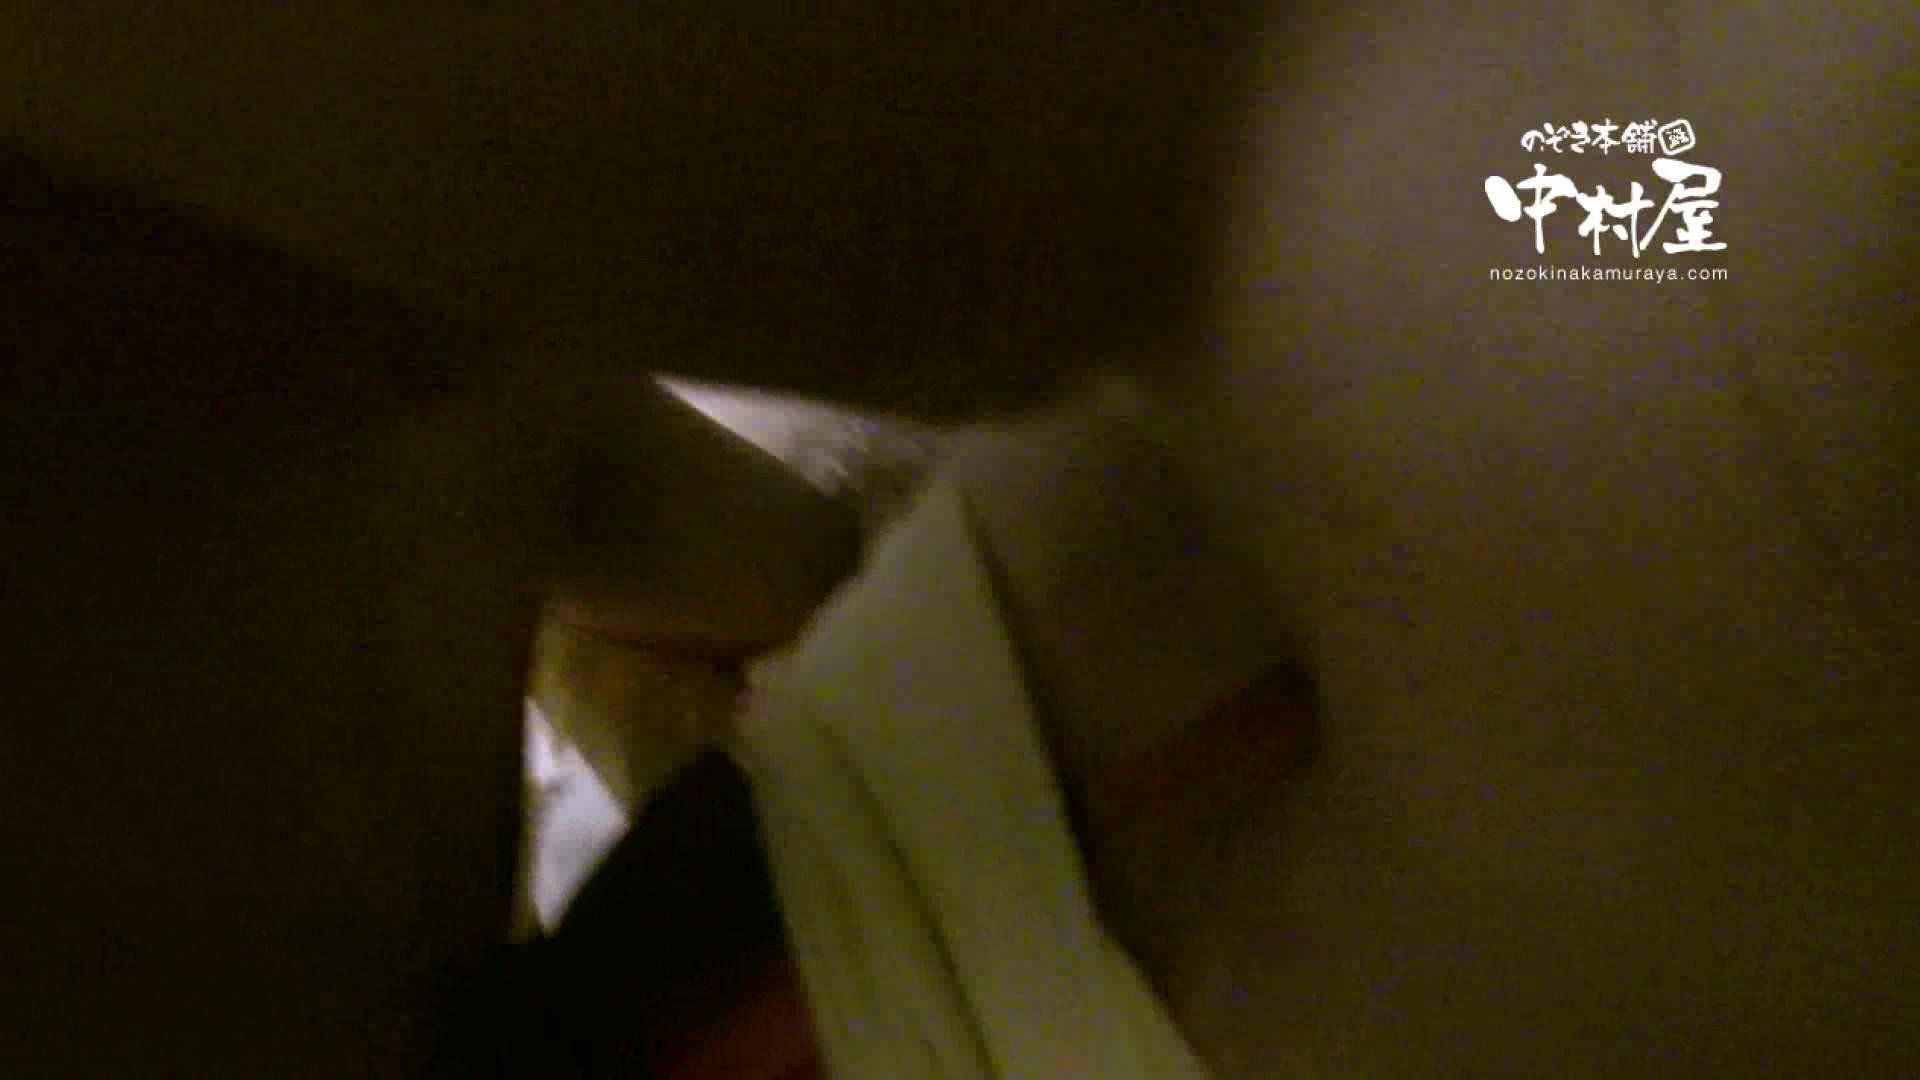 鬼畜 vol.17 中に出さないでください(アニメ声で懇願) 後編 いやらしいOL SEX無修正画像 97連発 34